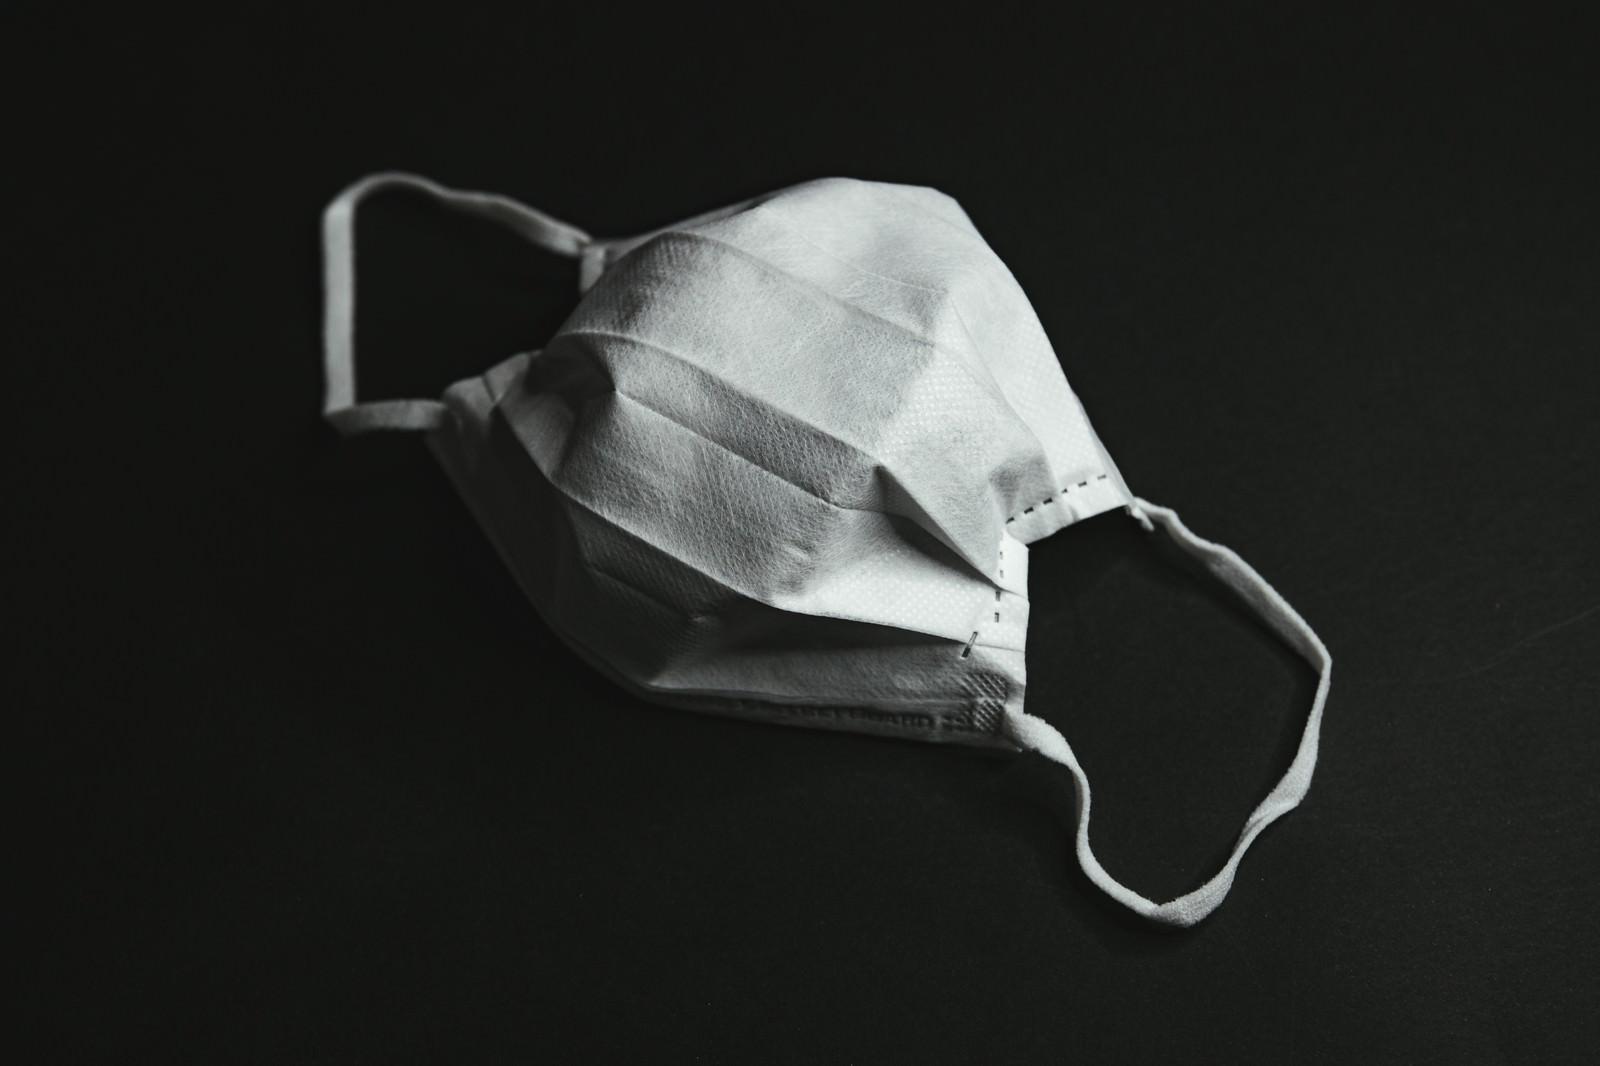 「転売されたマスク」の写真